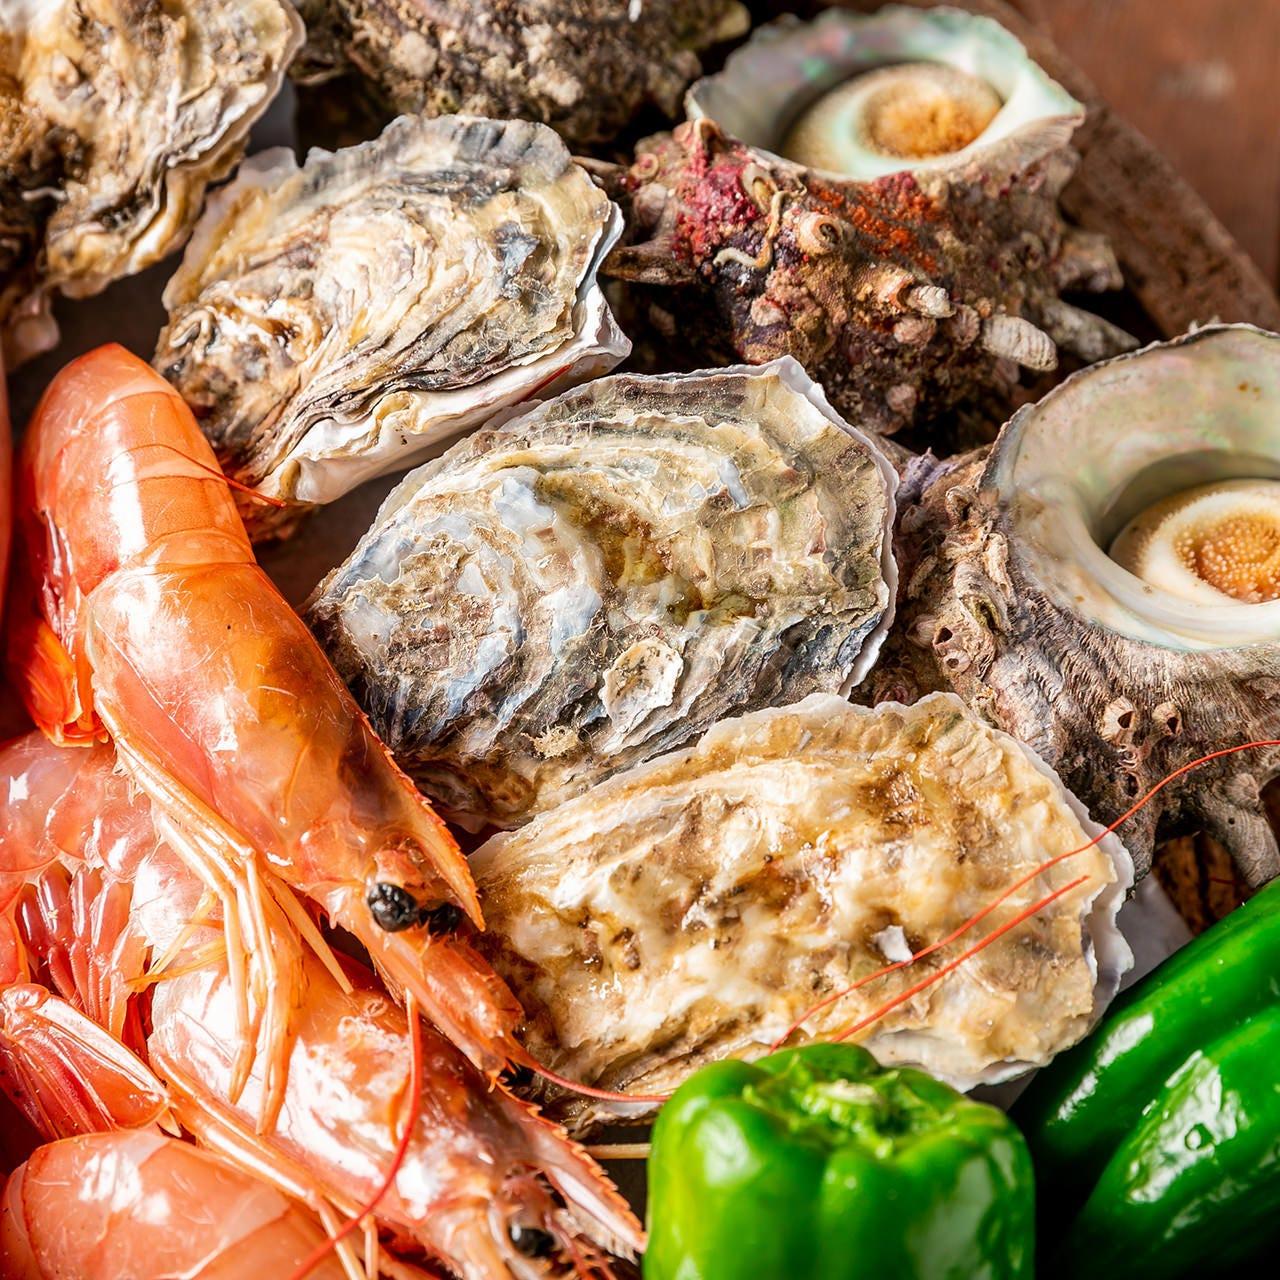 産地にこだわった殻付きホタテや牡蠣などの新鮮魚介をどうぞ